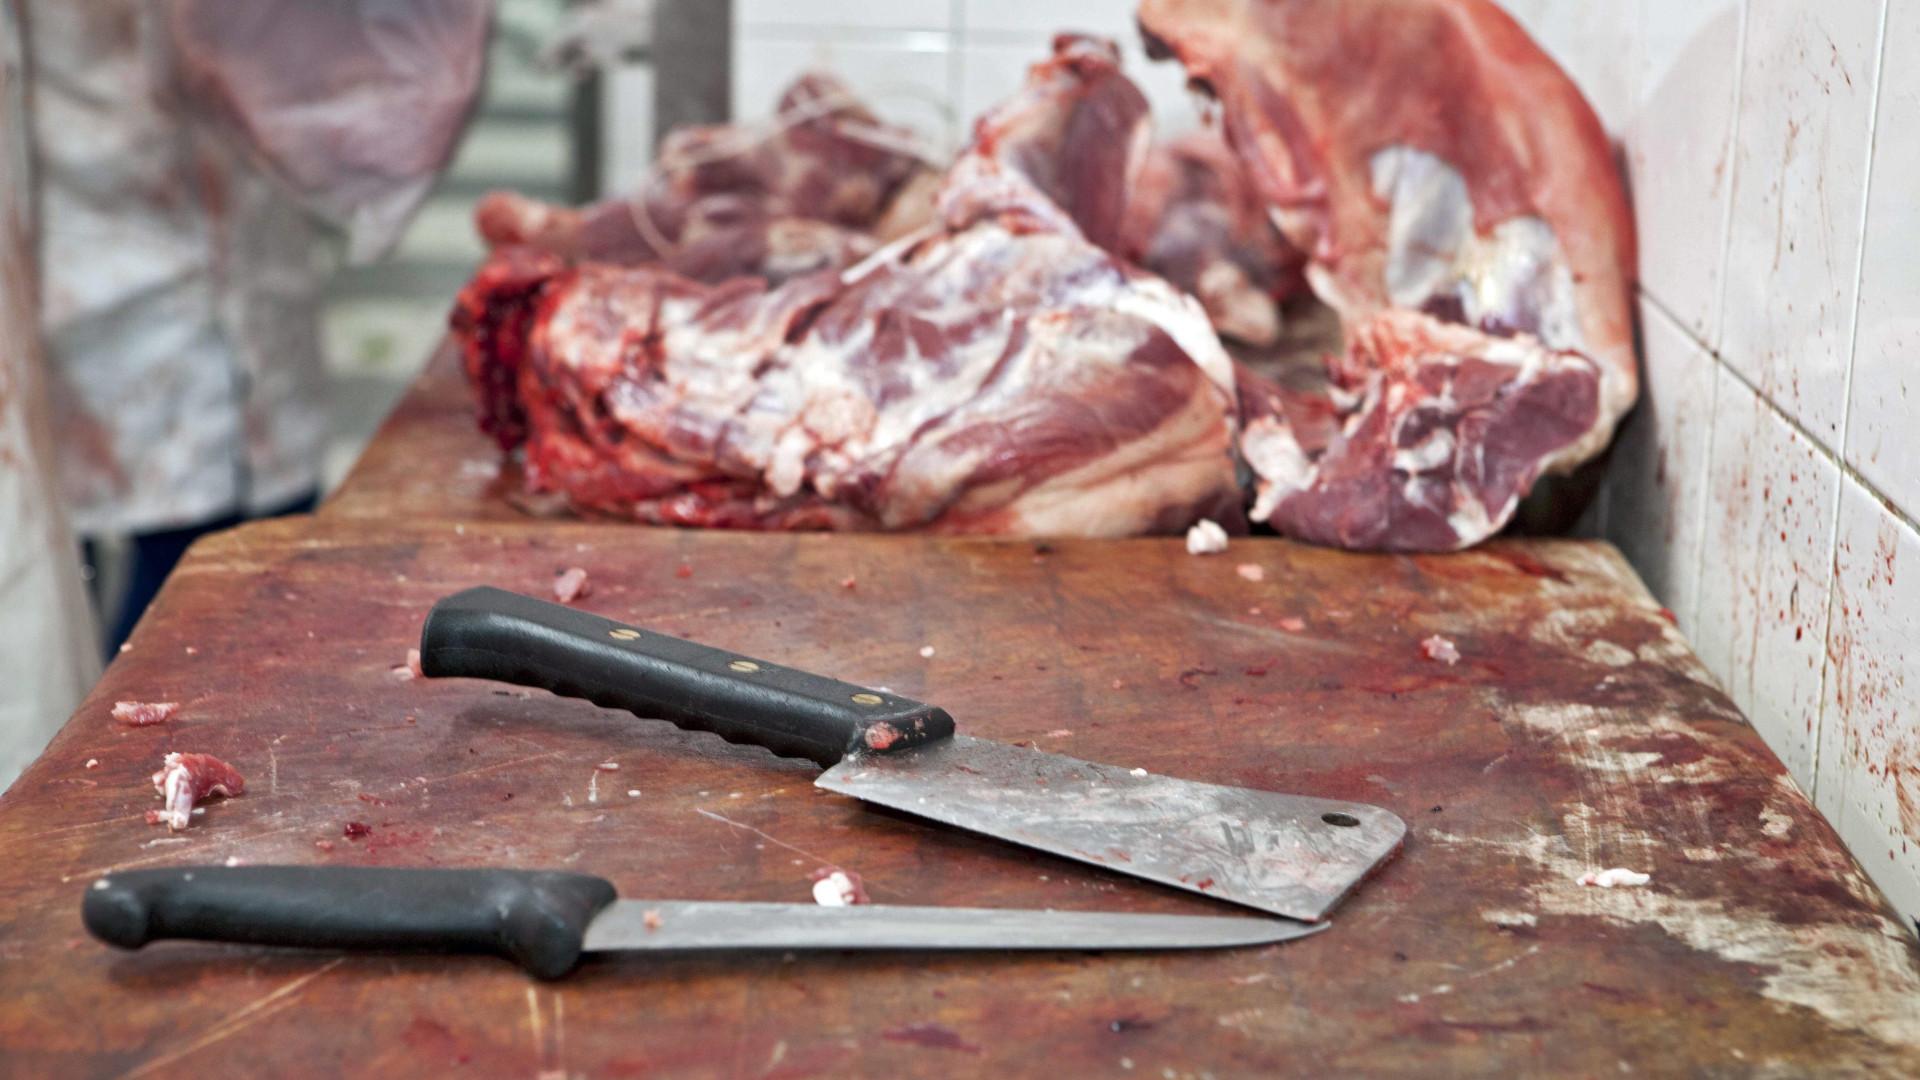 Portugueses comem 4,4 vezes mais carne, ovos e peixe do que precisam